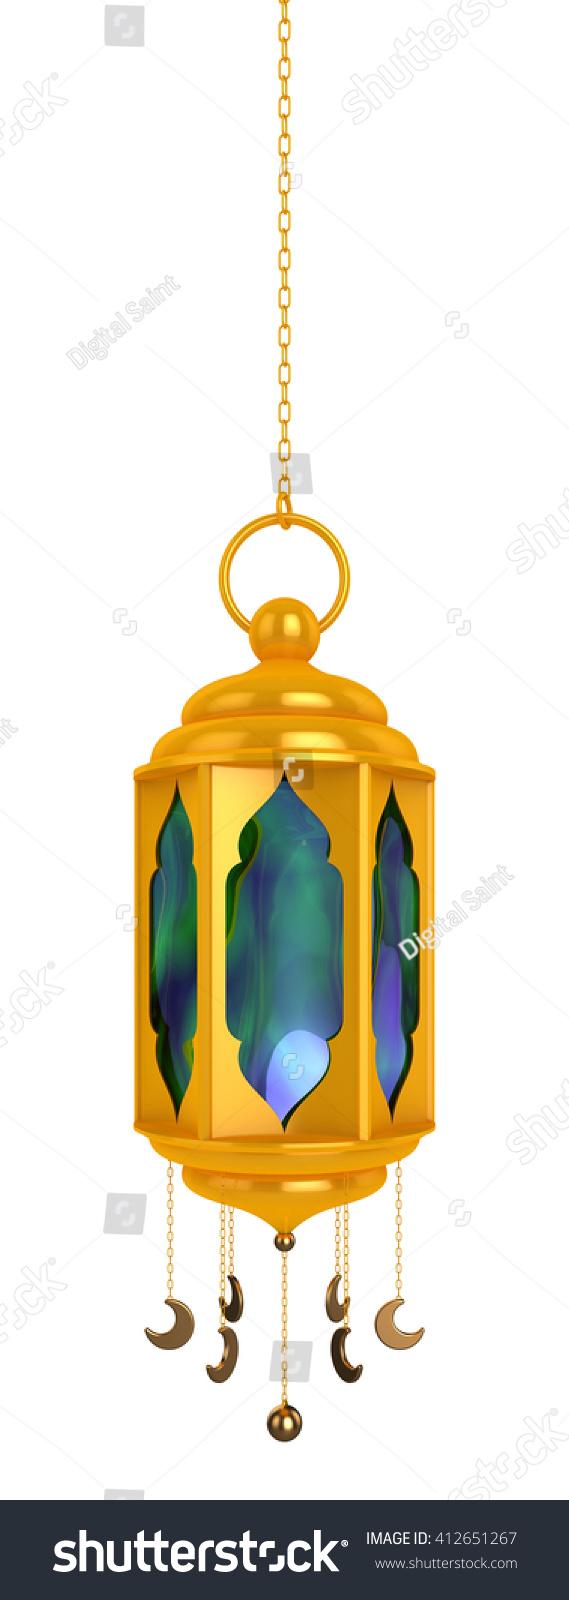 22+ Ramadhan Lamp Png